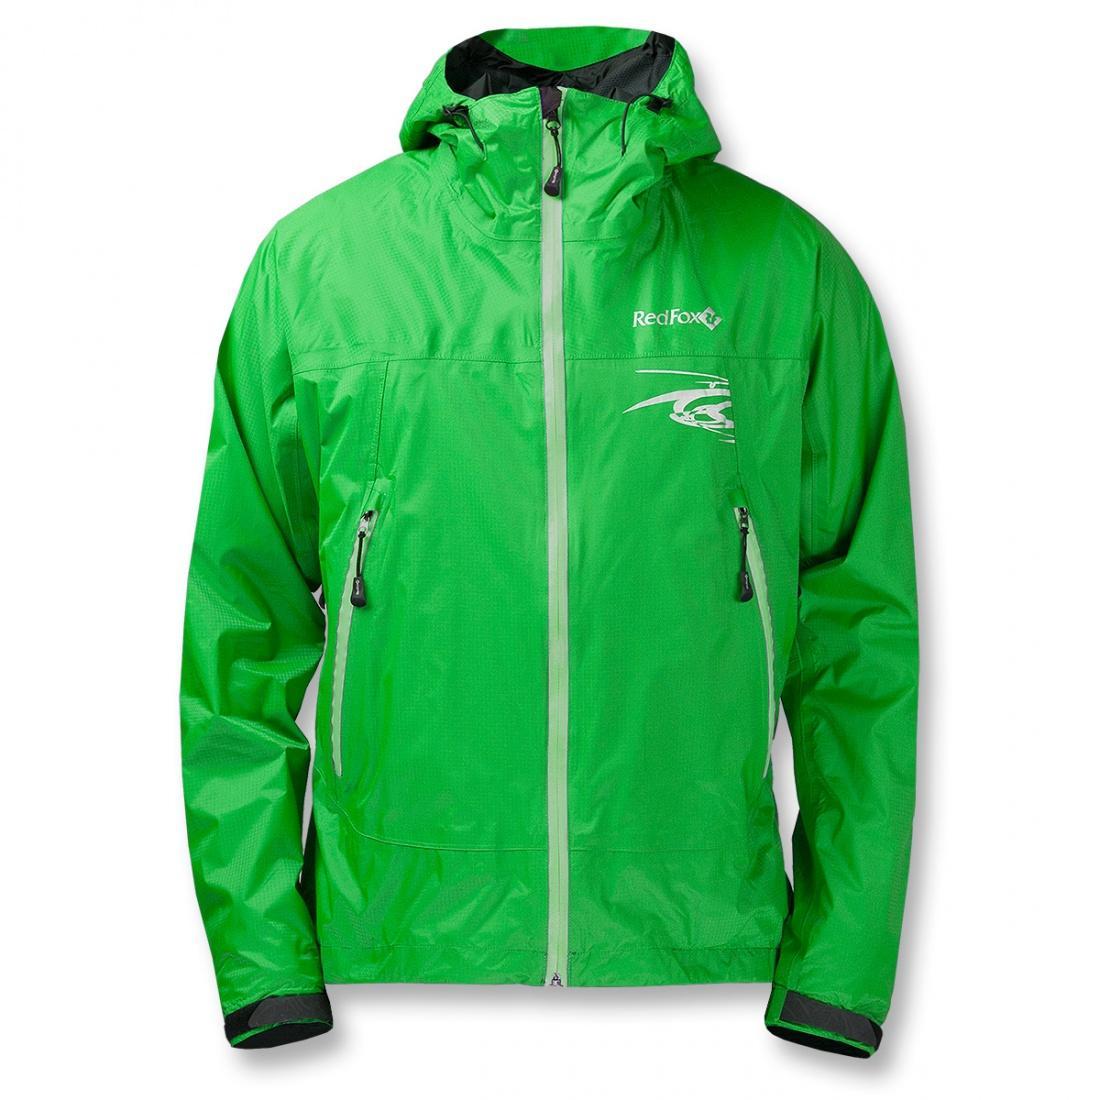 Куртка ветрозащитная Trek IIКуртки<br><br><br> Легкая влаго-ветрозащитная куртка для использованияв ветреную или...<br><br>Цвет: Зеленый<br>Размер: 46